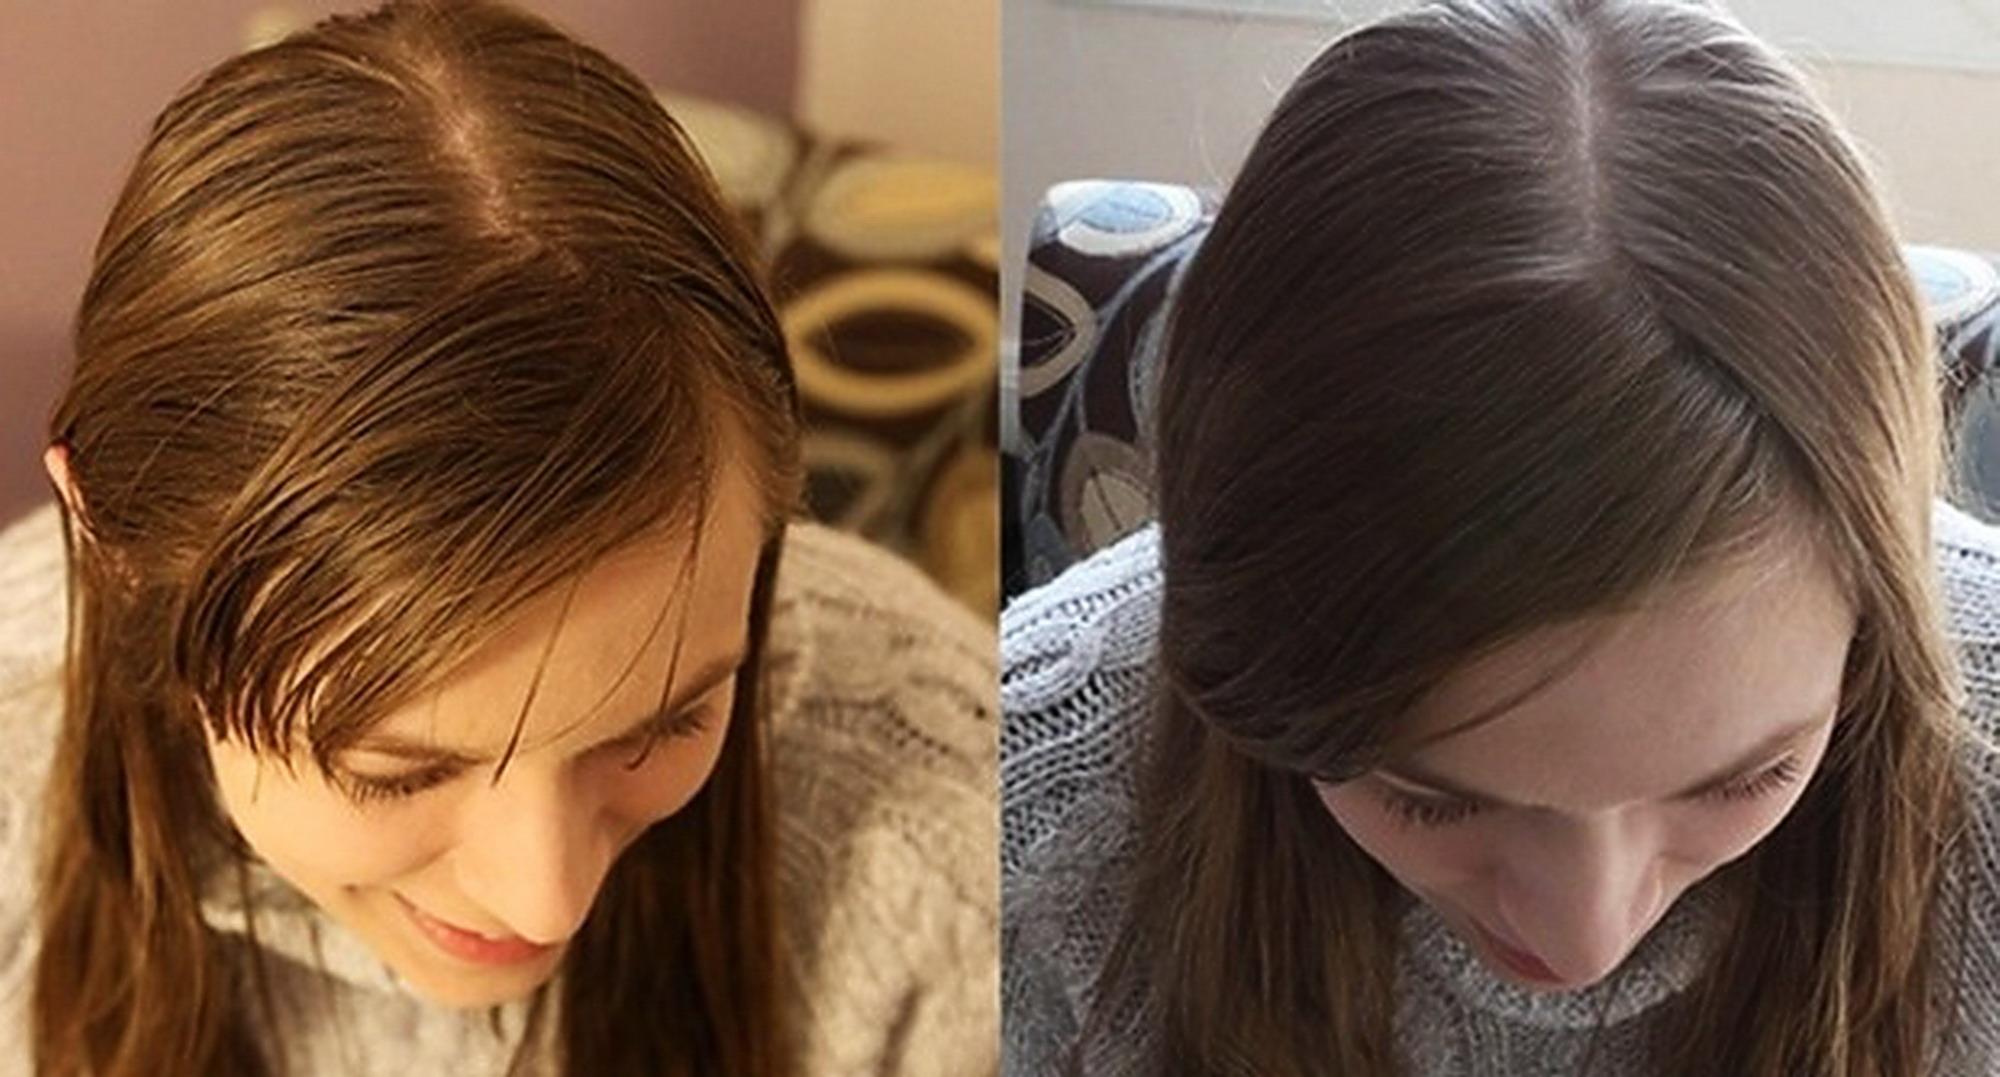 Si lava i capelli senza shampoo per venti giorni  il risultato è ... 526683701be0